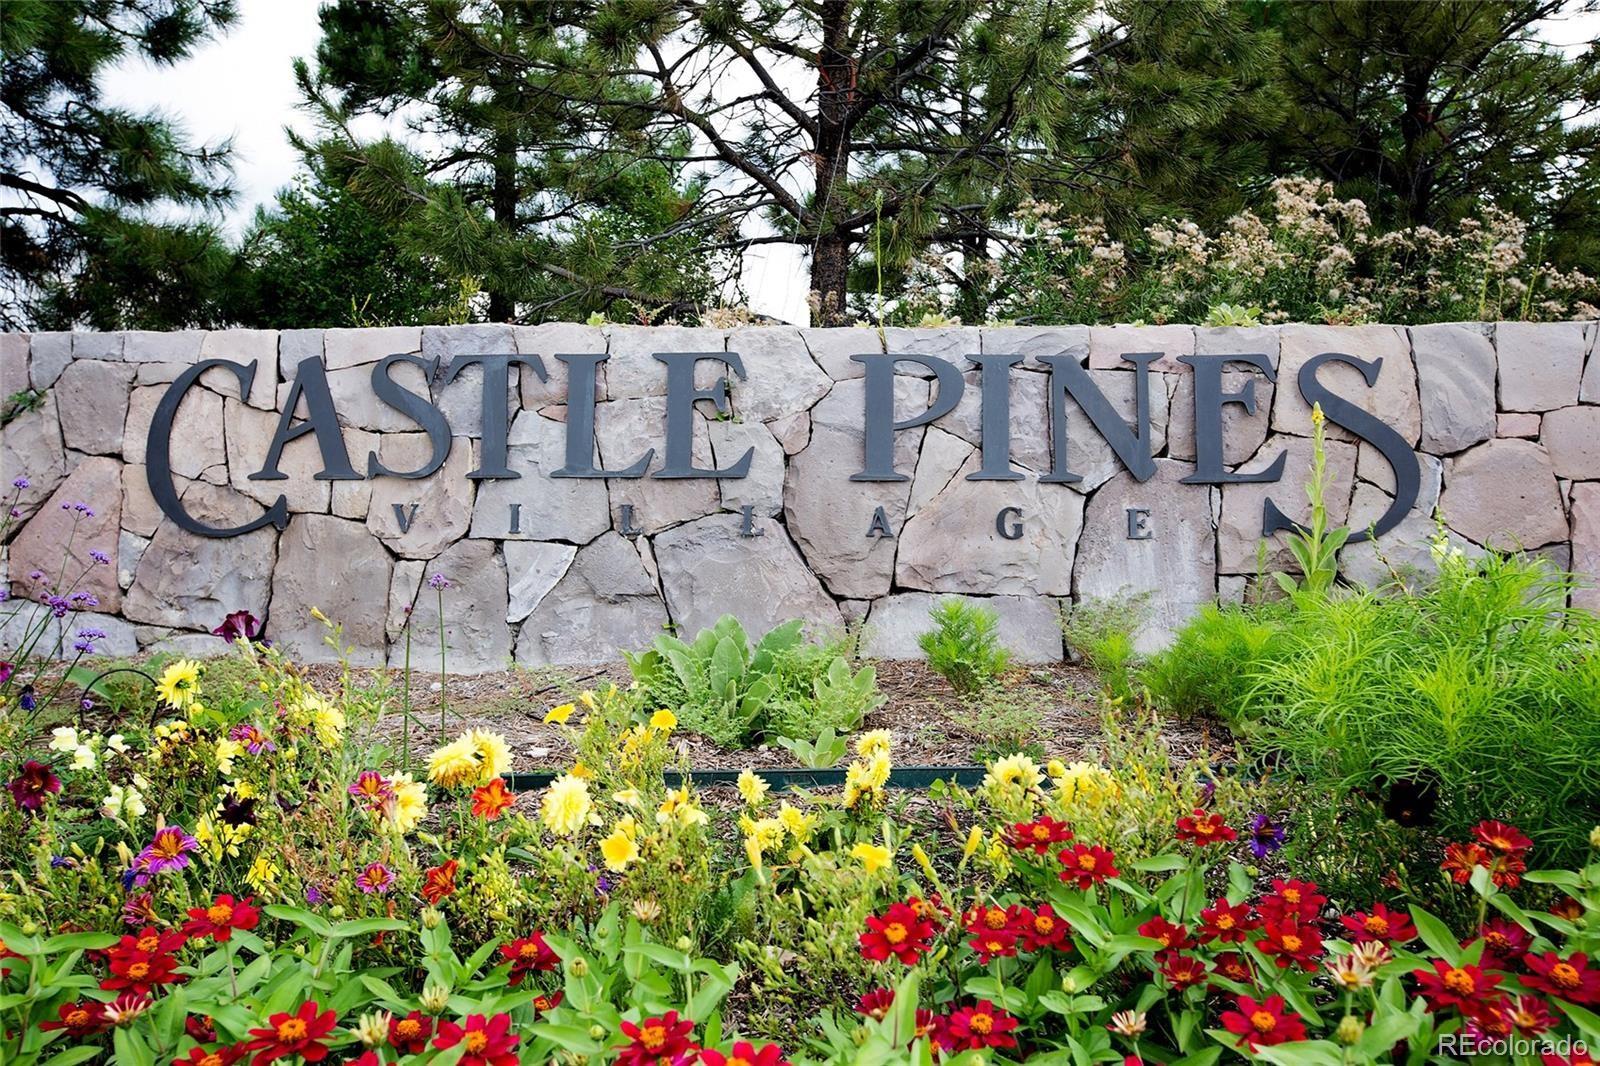 MLS# 4705257 - 1 - 6440 Holy Cross Court, Castle Rock, CO 80108